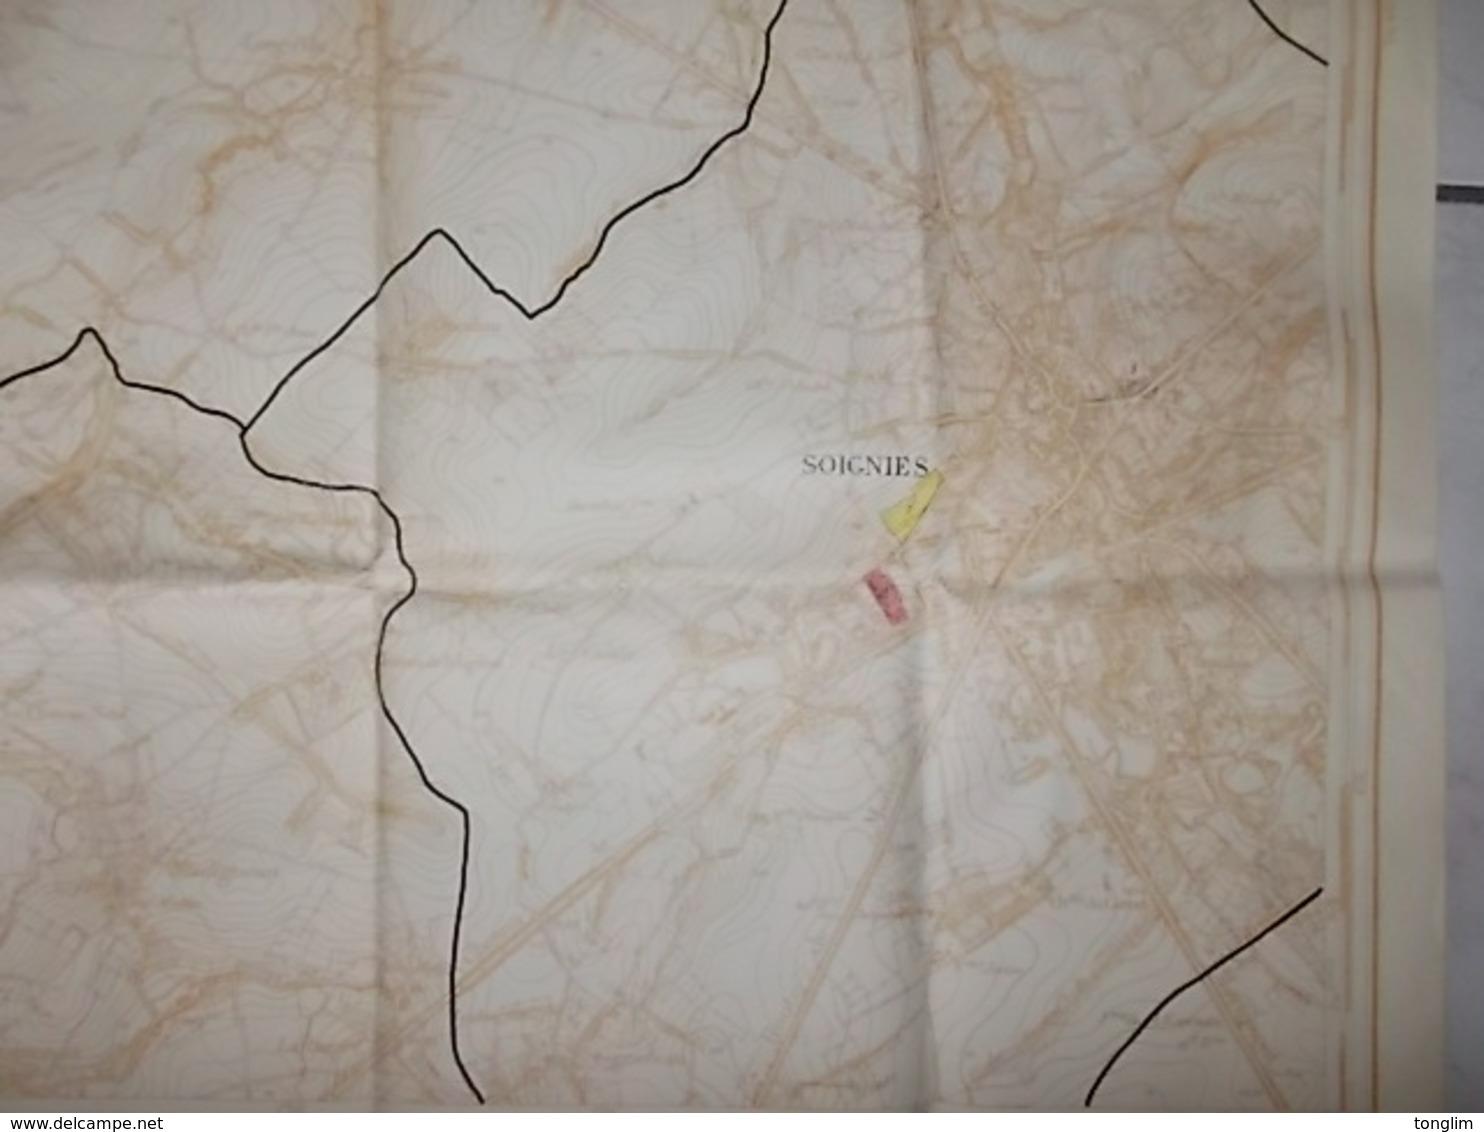 MILITAIRE  PLAN DE SOIGNIES  1947 - Documents